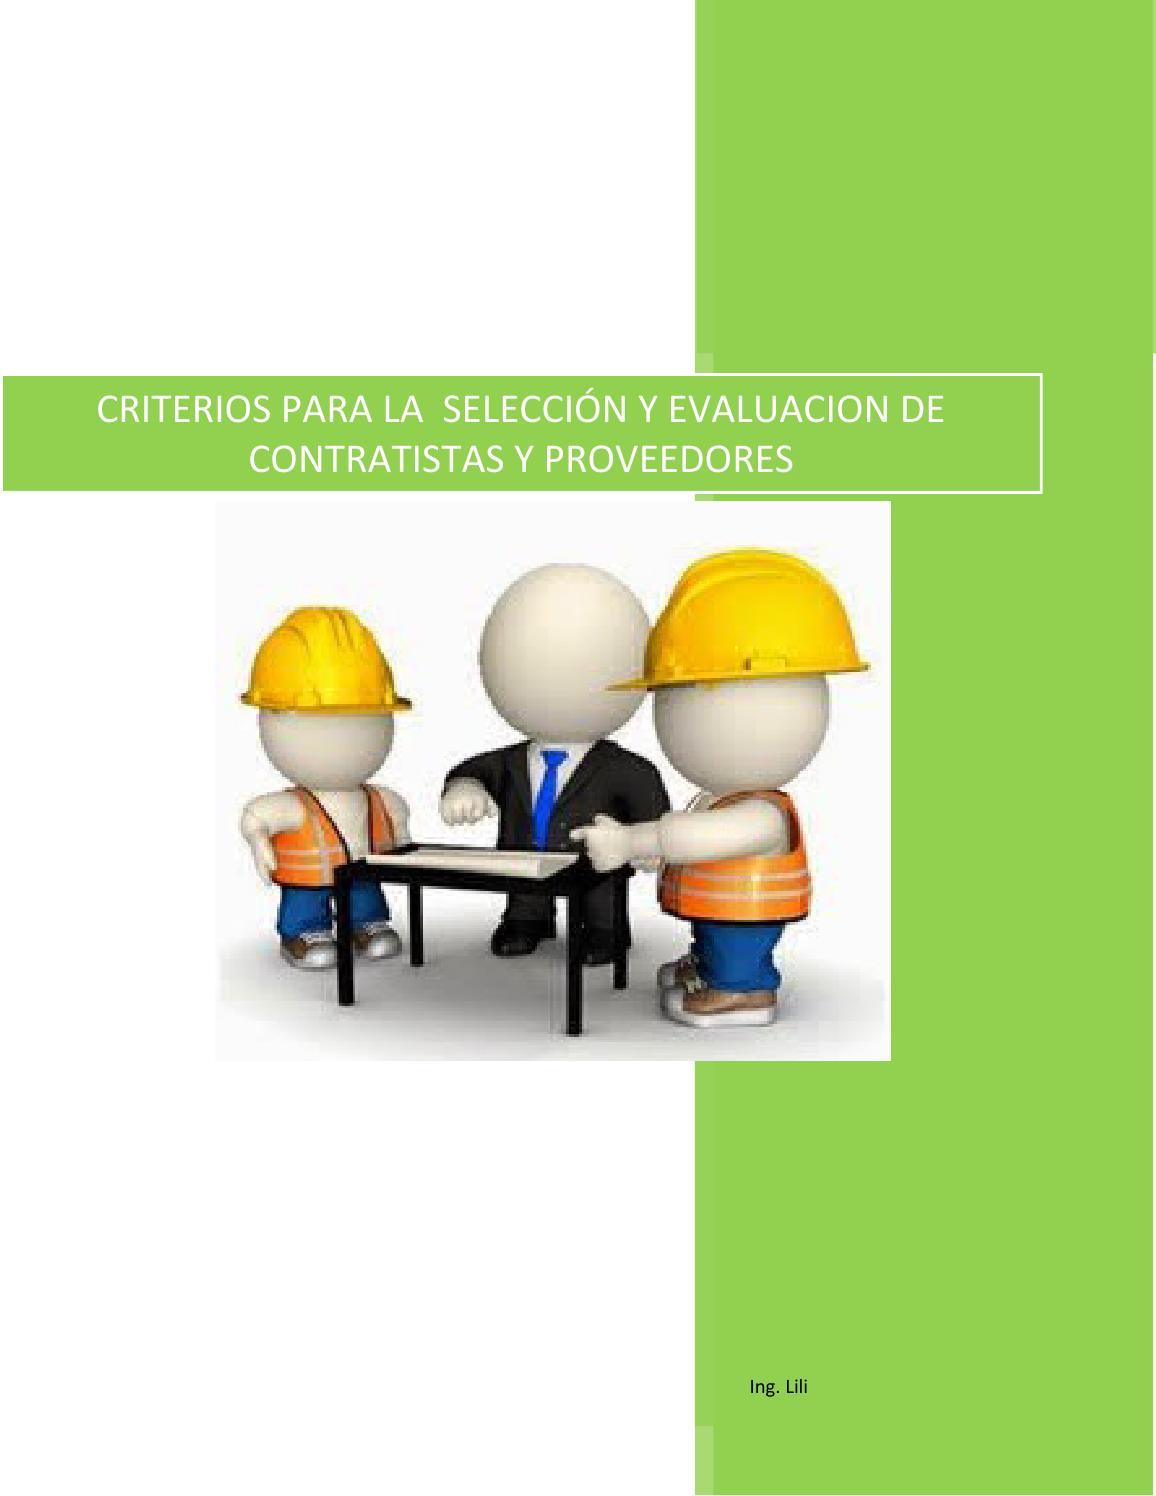 Sst da 003 criterios contratistas y proveedores by sandra